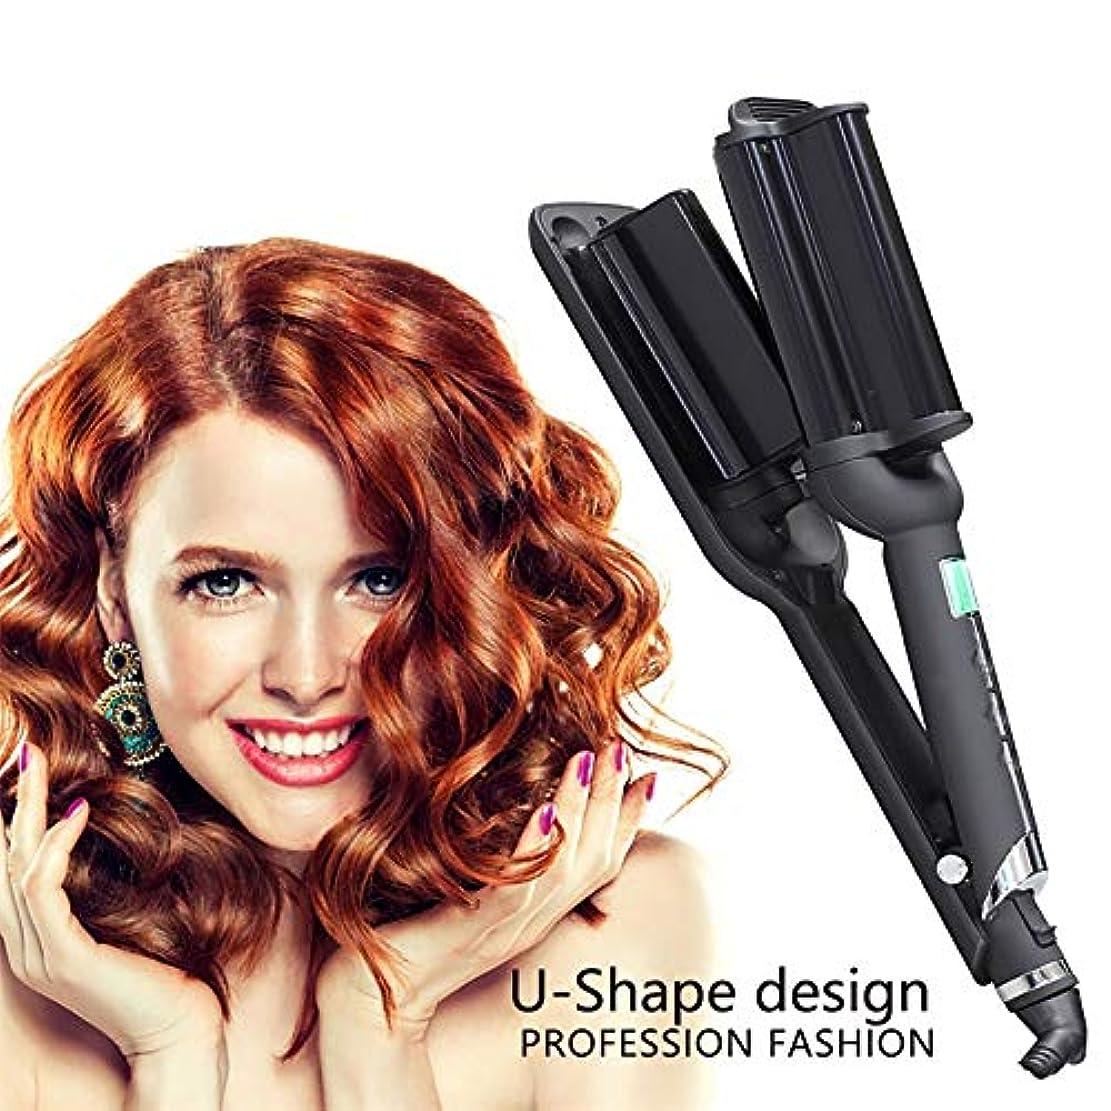 容疑者体細胞剃る職業スプレーヘアカーラー、液晶全自動セラミックス理髪ツール、マルチスタイラーロングショートウェットドライヘア用髪にダメージなし